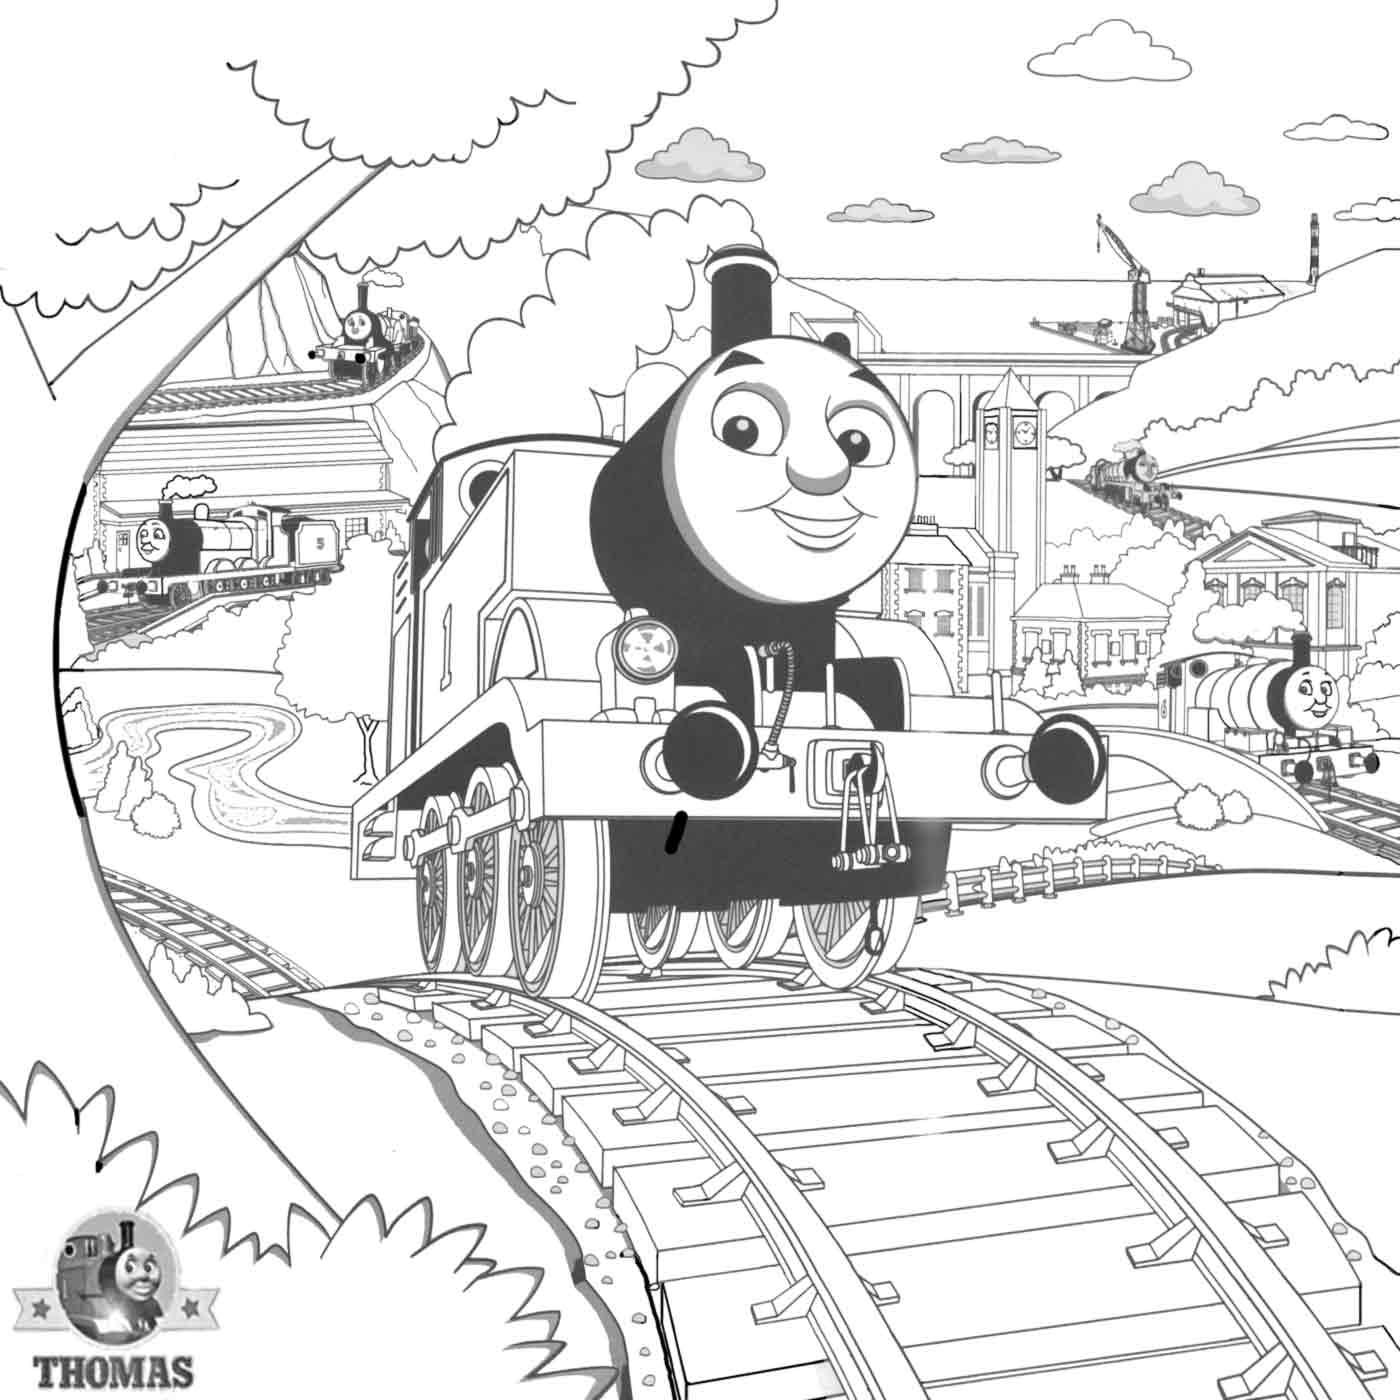 Thomas The Tank Engine Drawing At Getdrawings